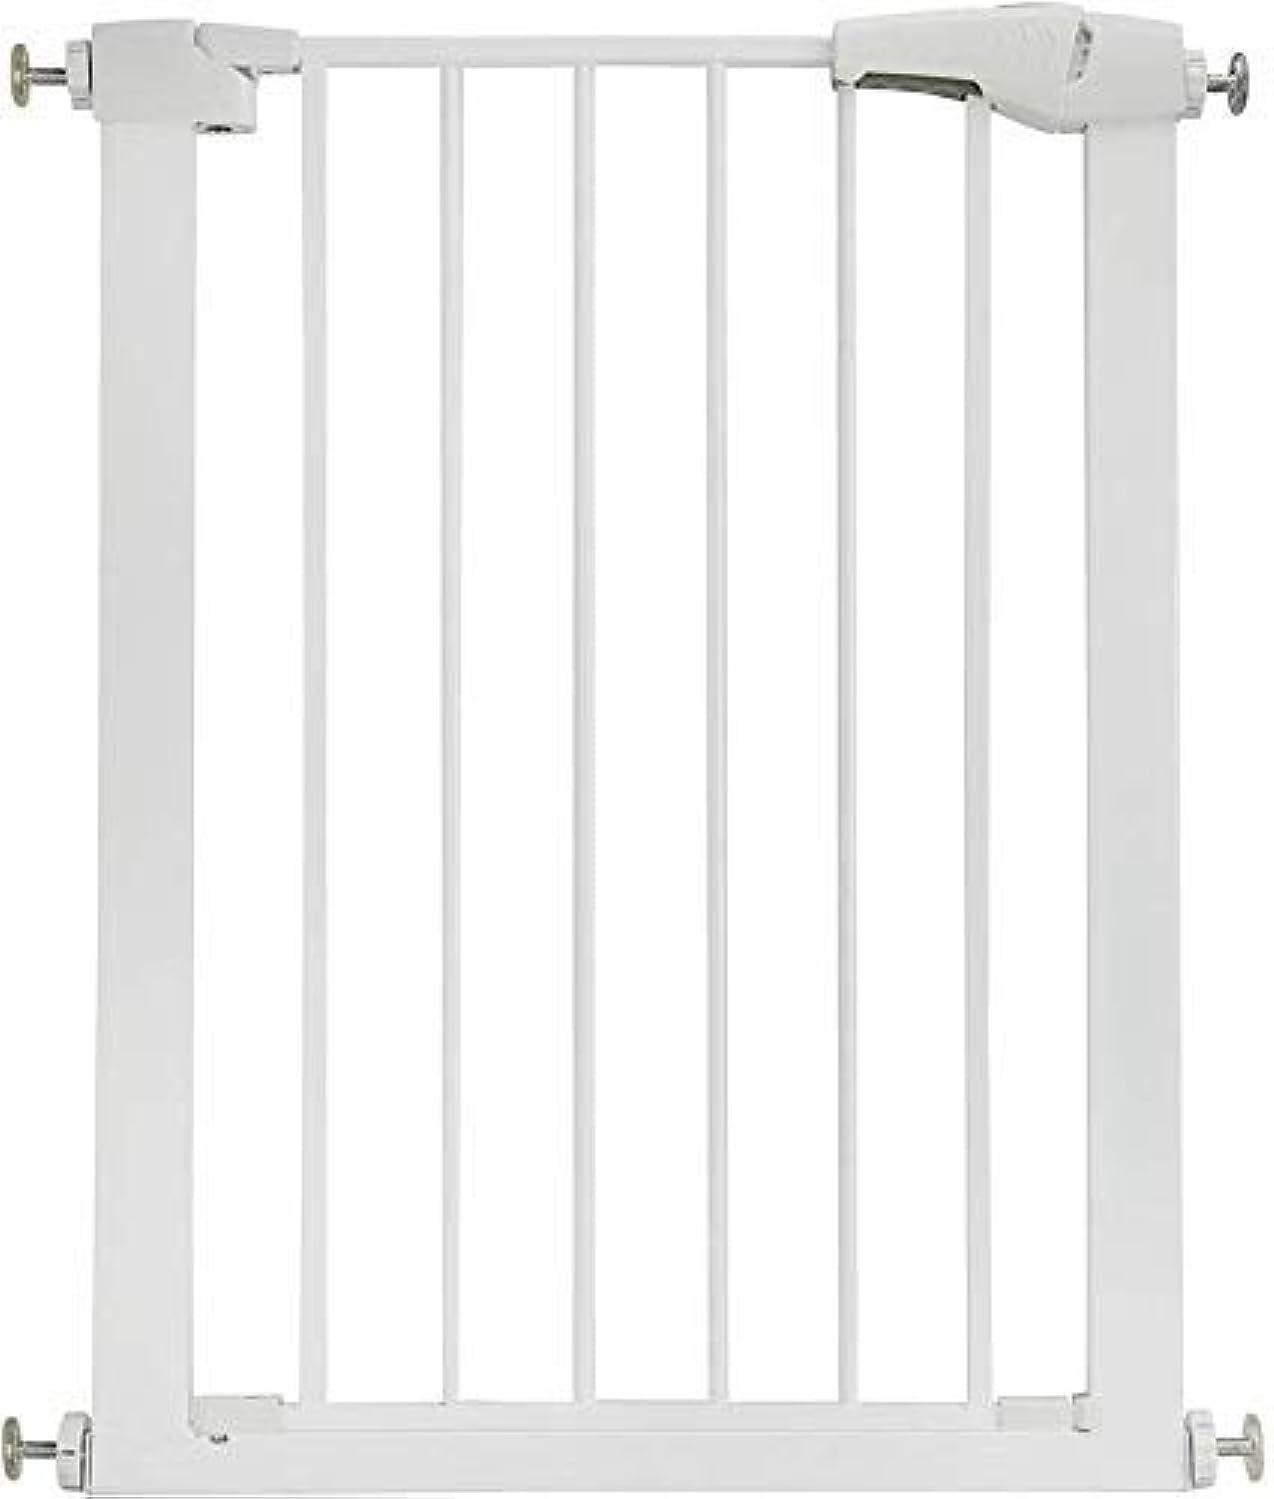 呼び出す二ルネッサンス階段と廊下の壁に取り付けられたデュアルロックベビーゲート簡単にインストール調整可能な余分な安全階段子供安全ドアパンチフリーペットフェンス圧力固定(H 78 cm)